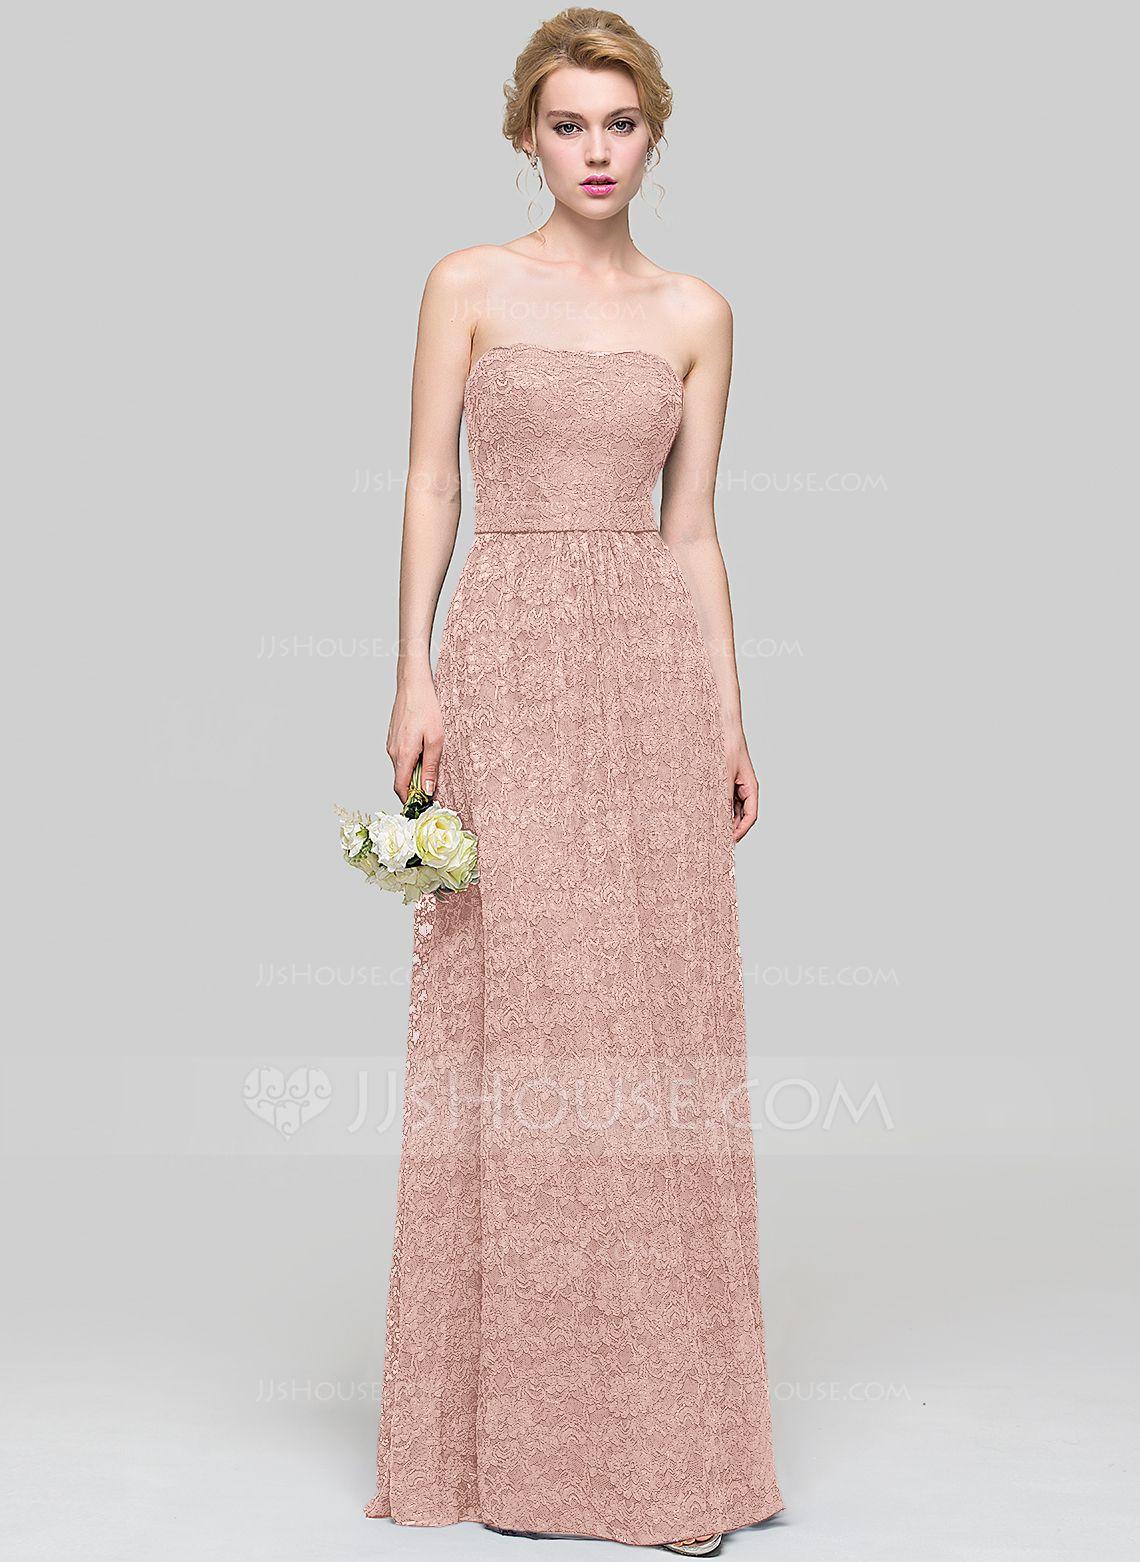 Lujo Special Party Dresses Ilustración - Colección de Vestidos de ...